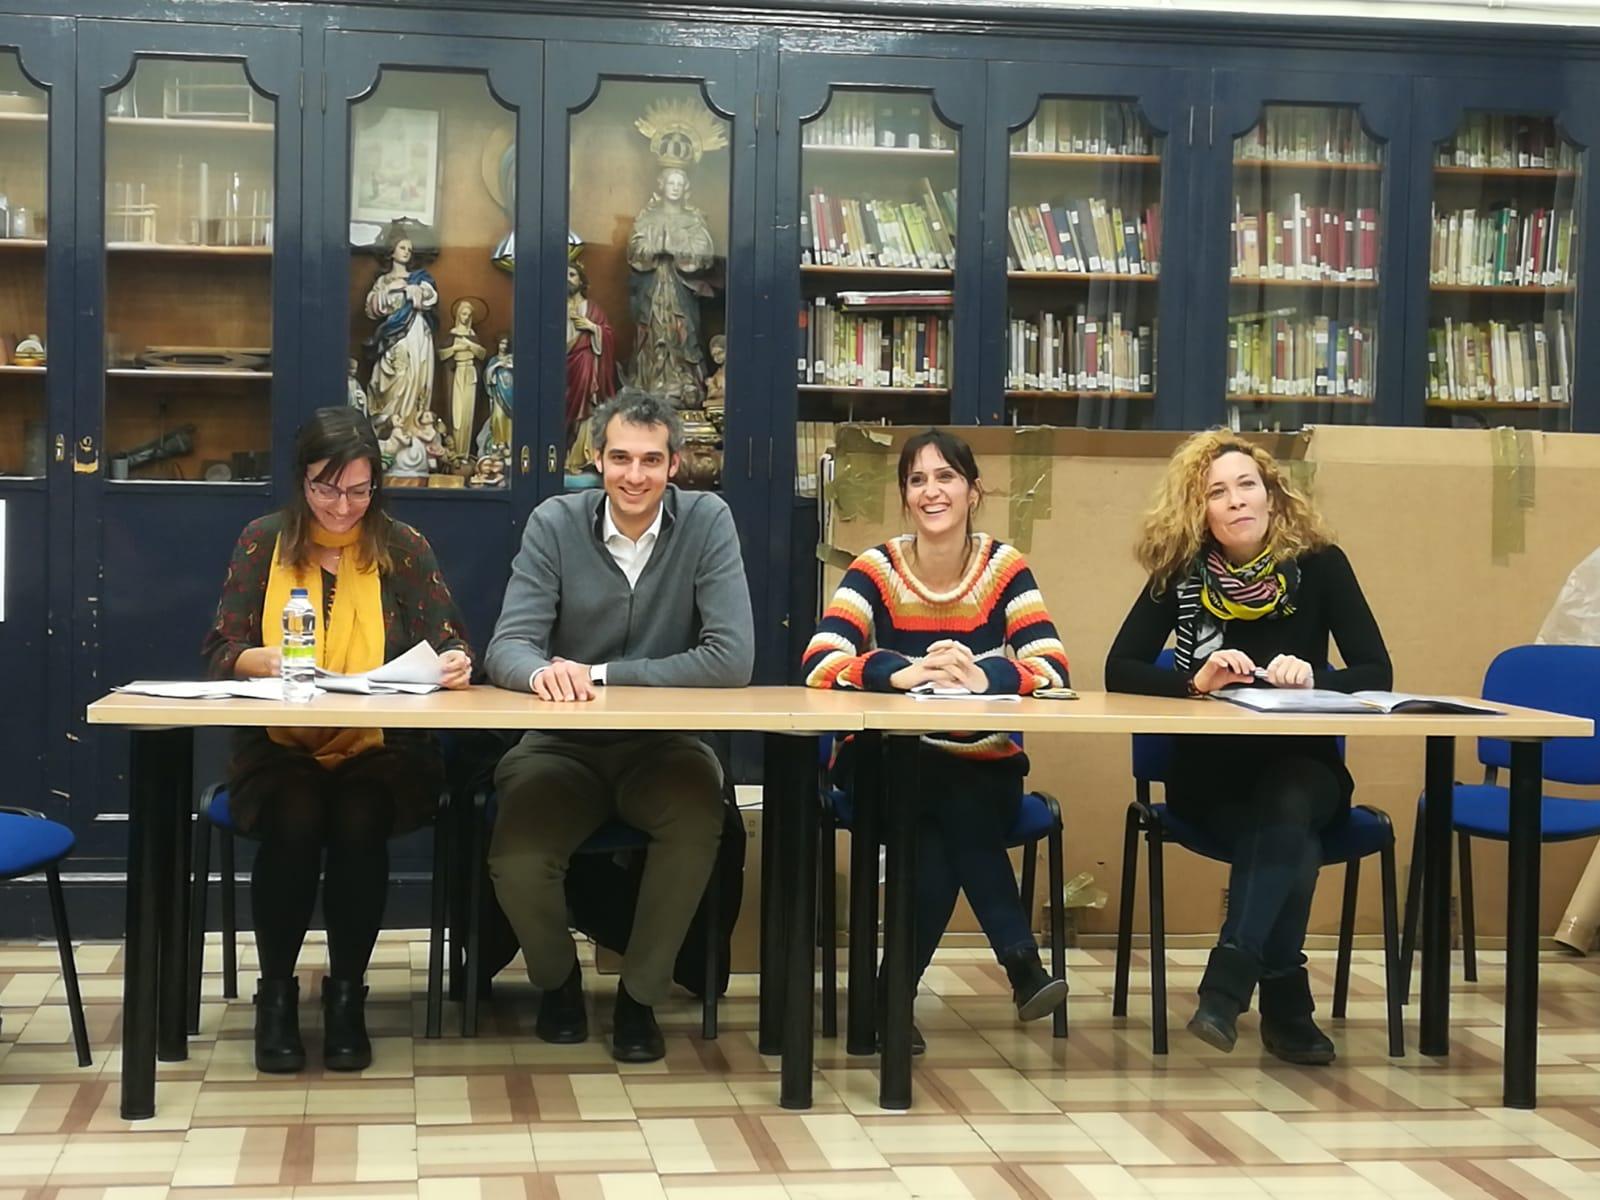 De izquierda a derecha, Vanesa Meseguer, Jesús Sanchez, Olga Algarate y Angelines Enfedaque